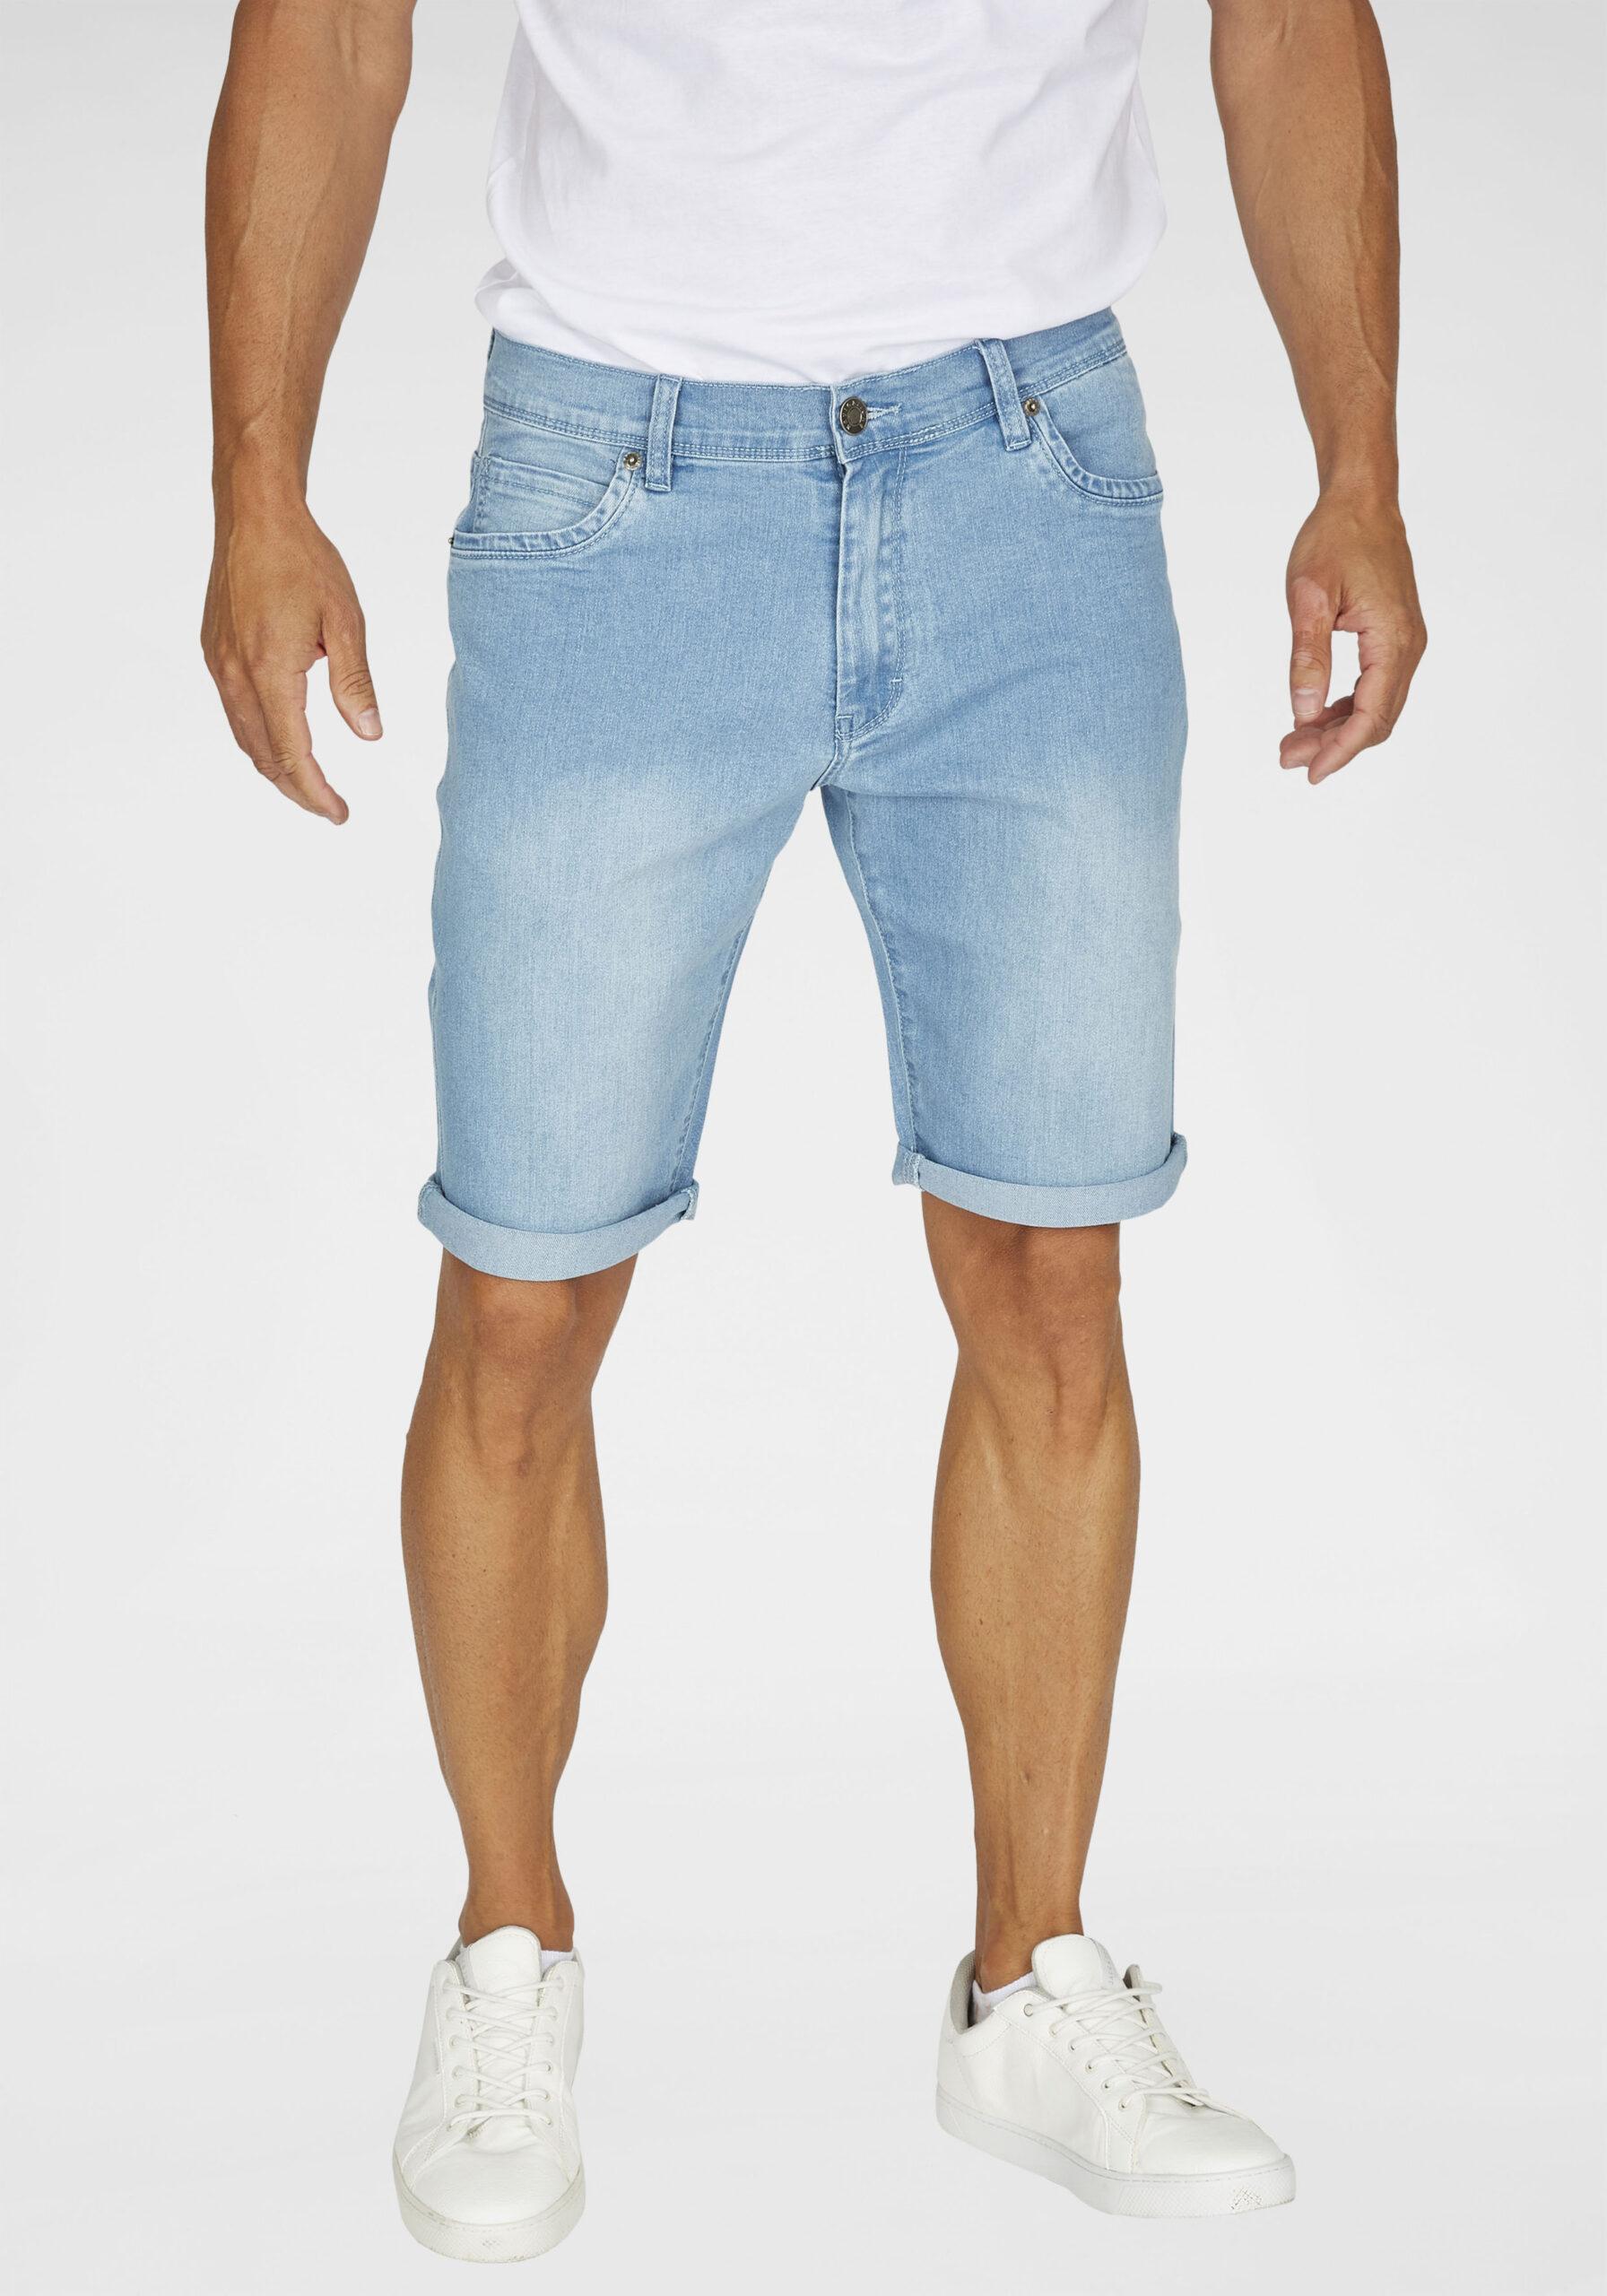 Herren Jeans Shorts hellblau